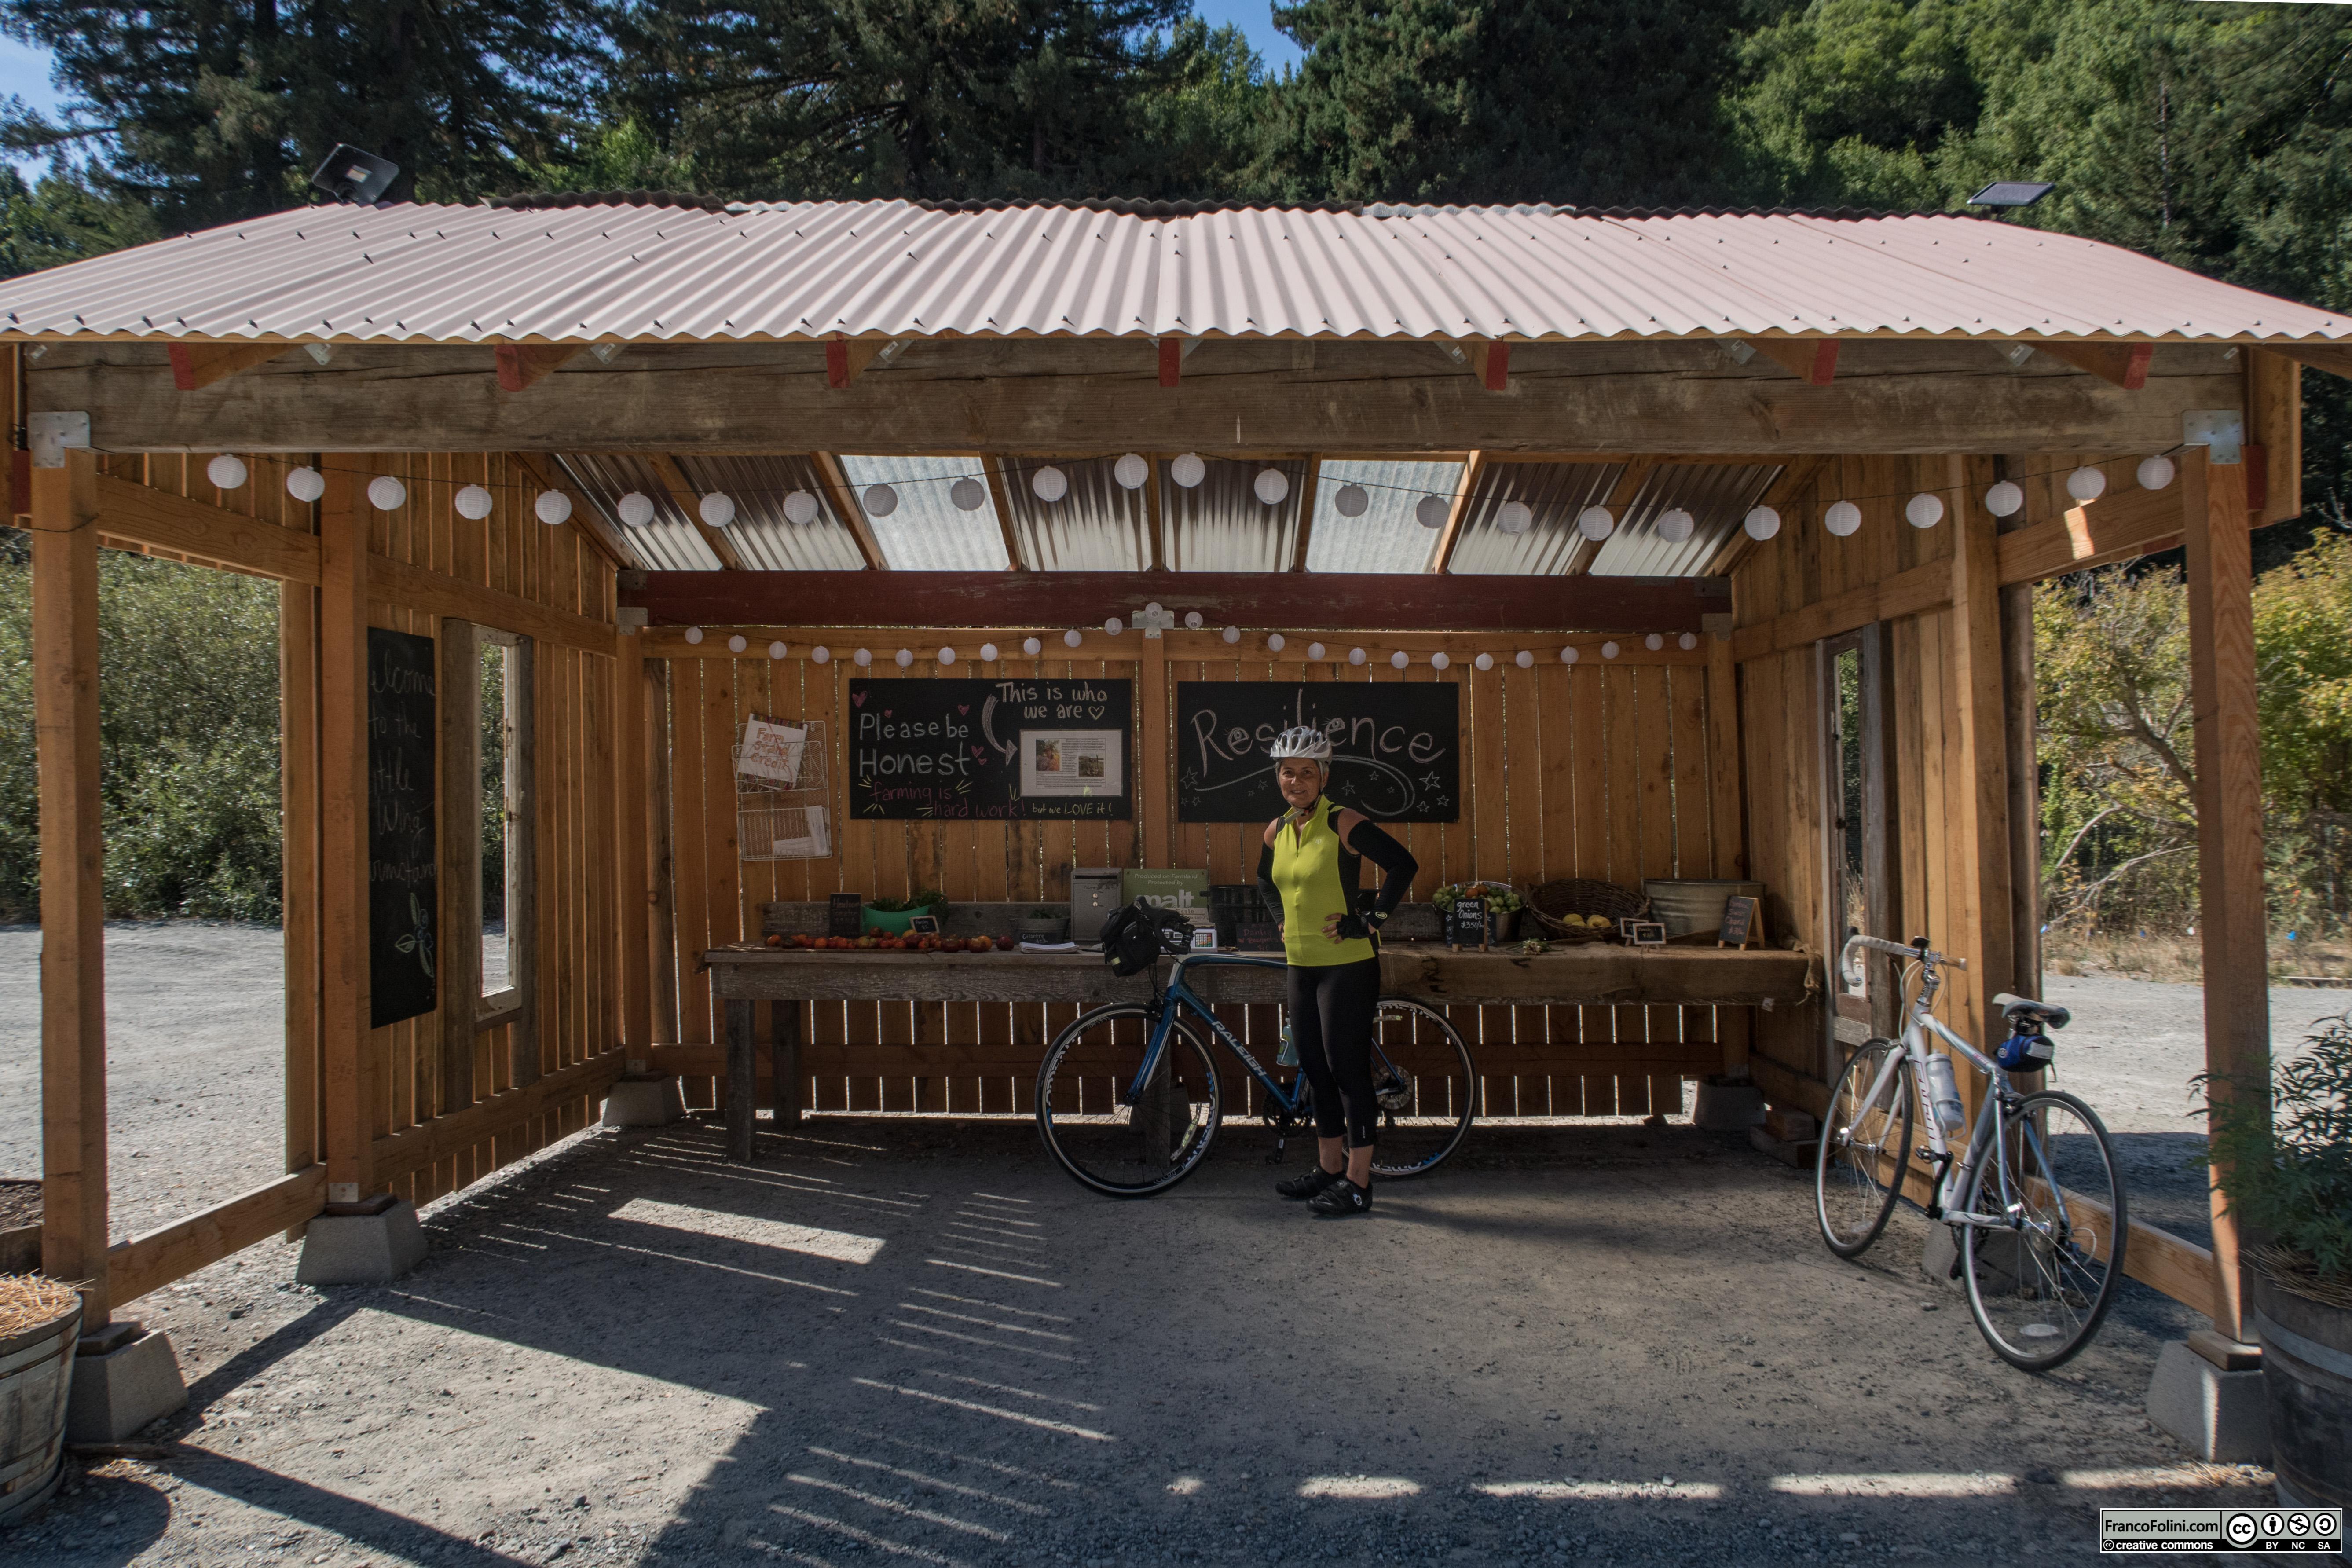 Little Wing Farm Stand, il banchetto self-service non-presidiato di una micro-fattoria